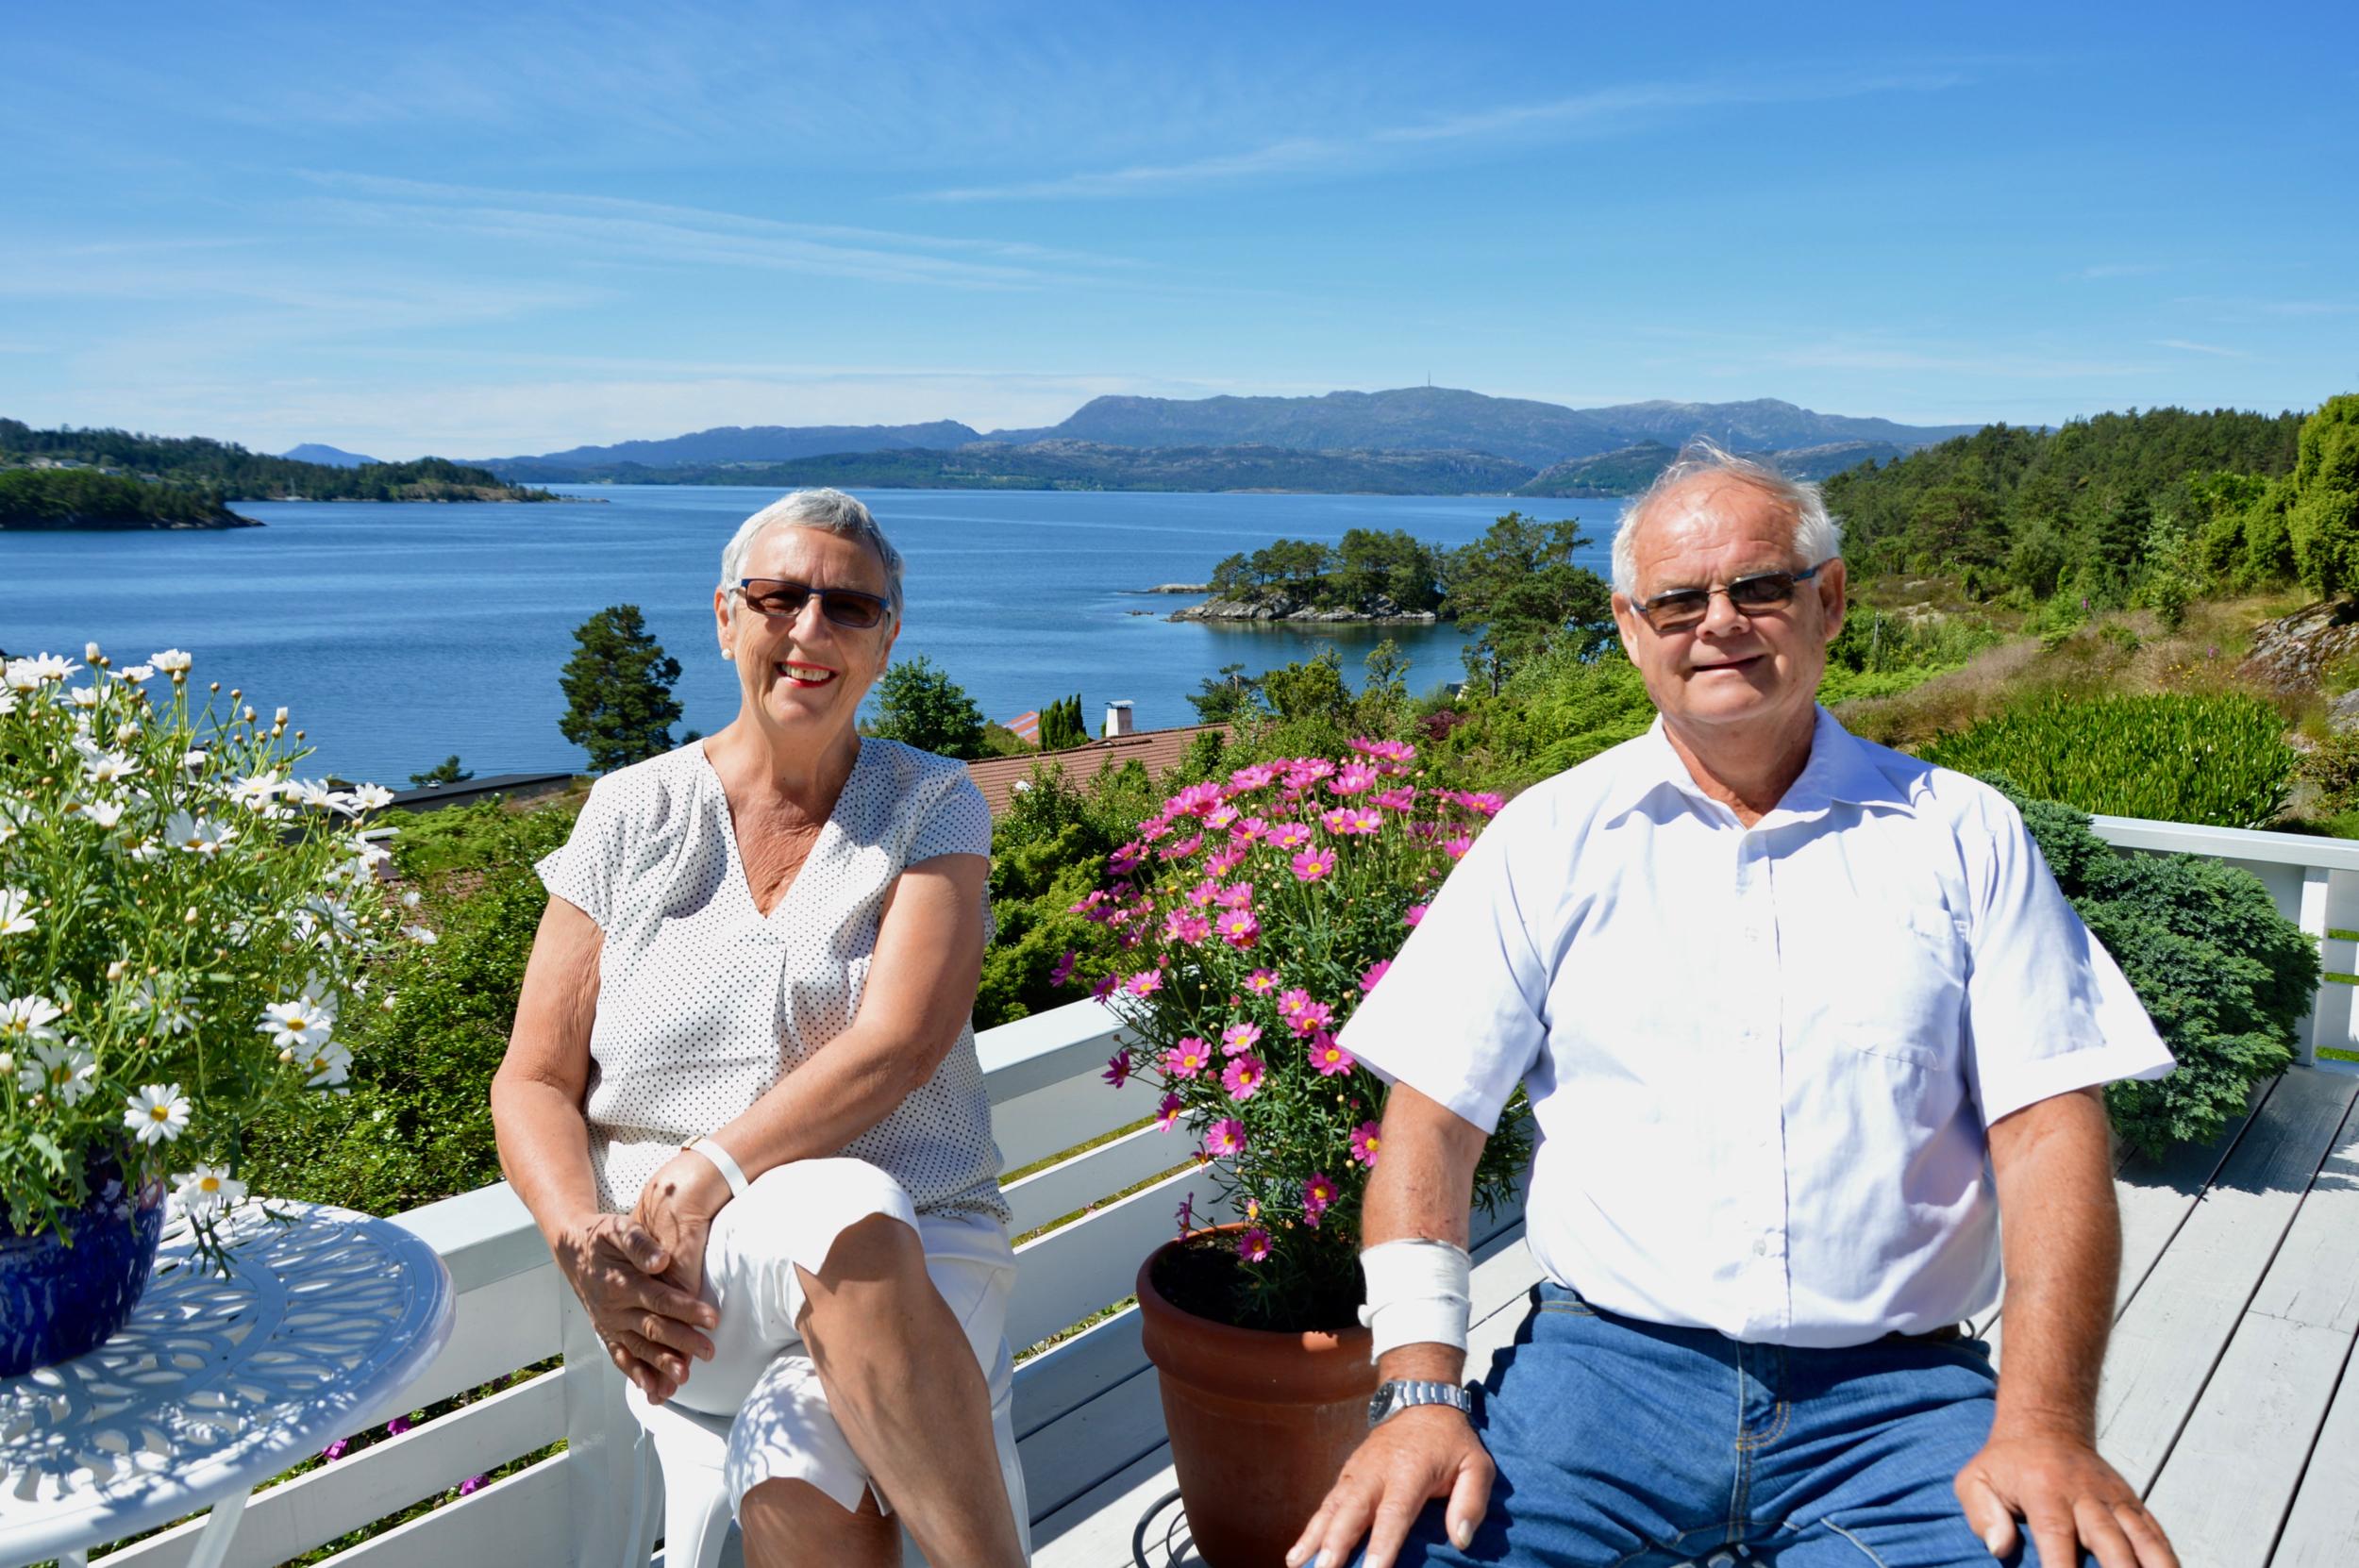 Kari og Håkon vart kjærastar allereie i 15-årsalderen, og gjekk på skule ilag. Begge to har vore alvorleg sjuke, men no ser dei fram til gode og mindre strevsame år framover.